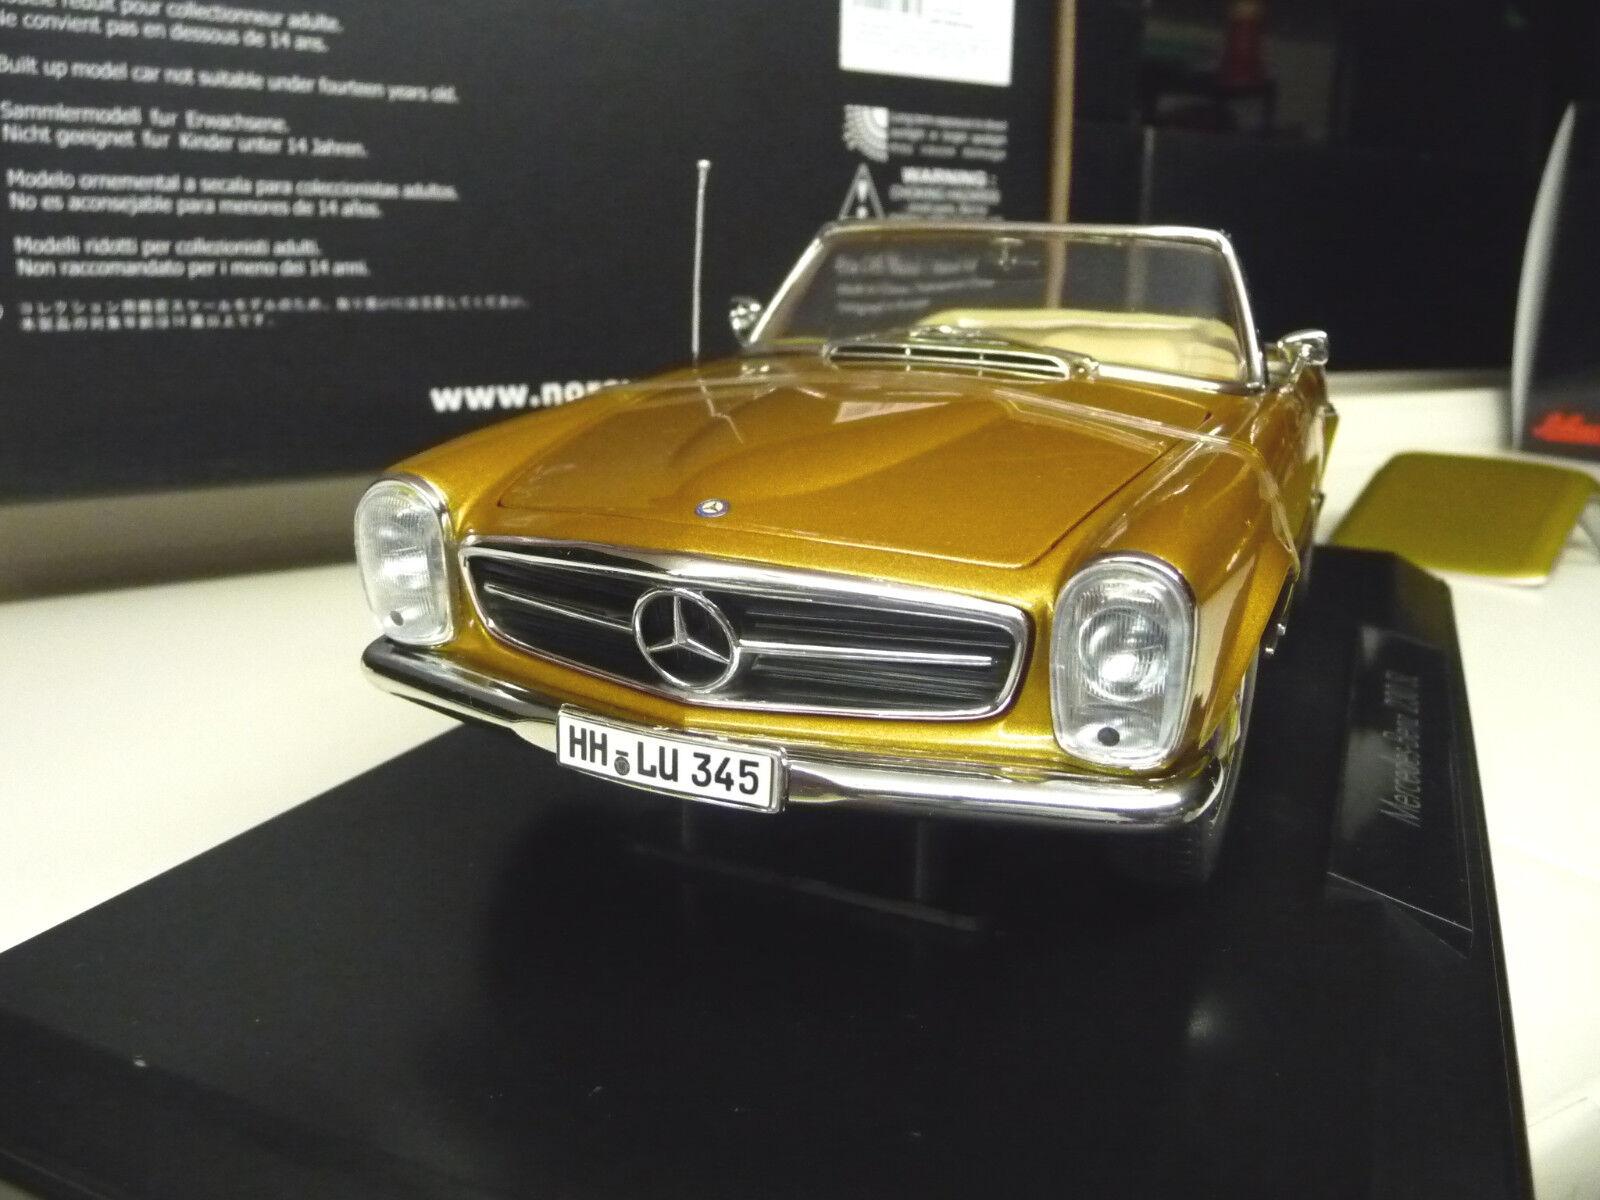 Mercedes 230SL 280SL ConGrünible W113 Gold Hardtop Norev 1 18 NEW FREE SHIPPING